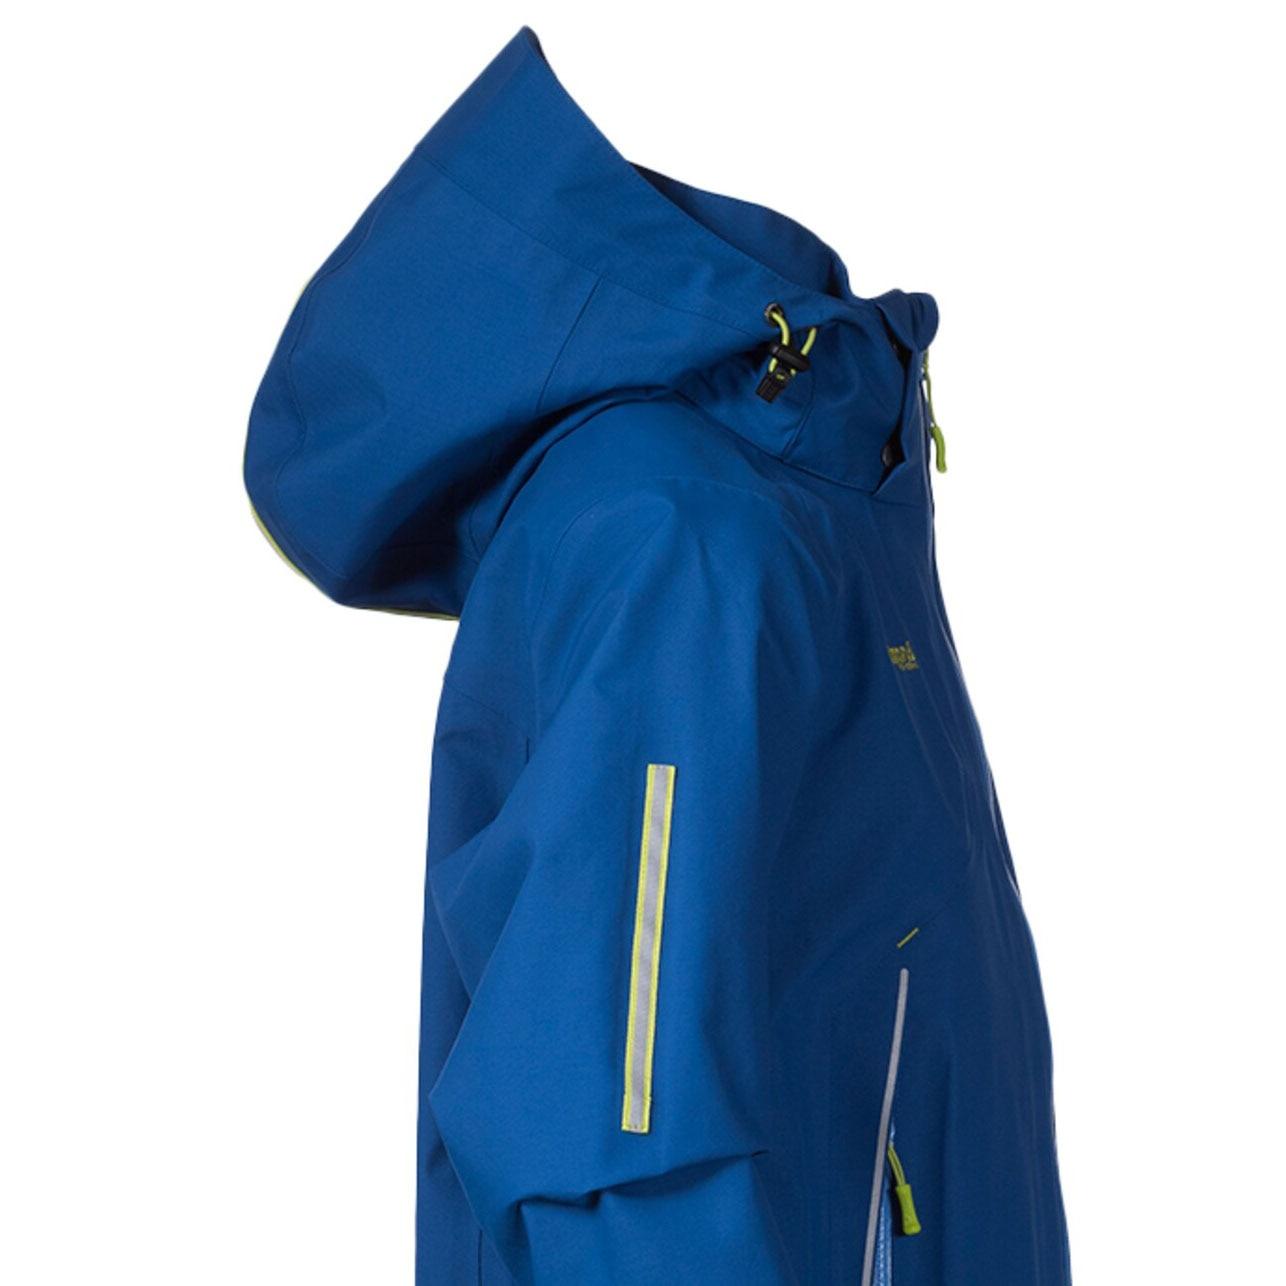 Sjoa 3L Youth Jacket